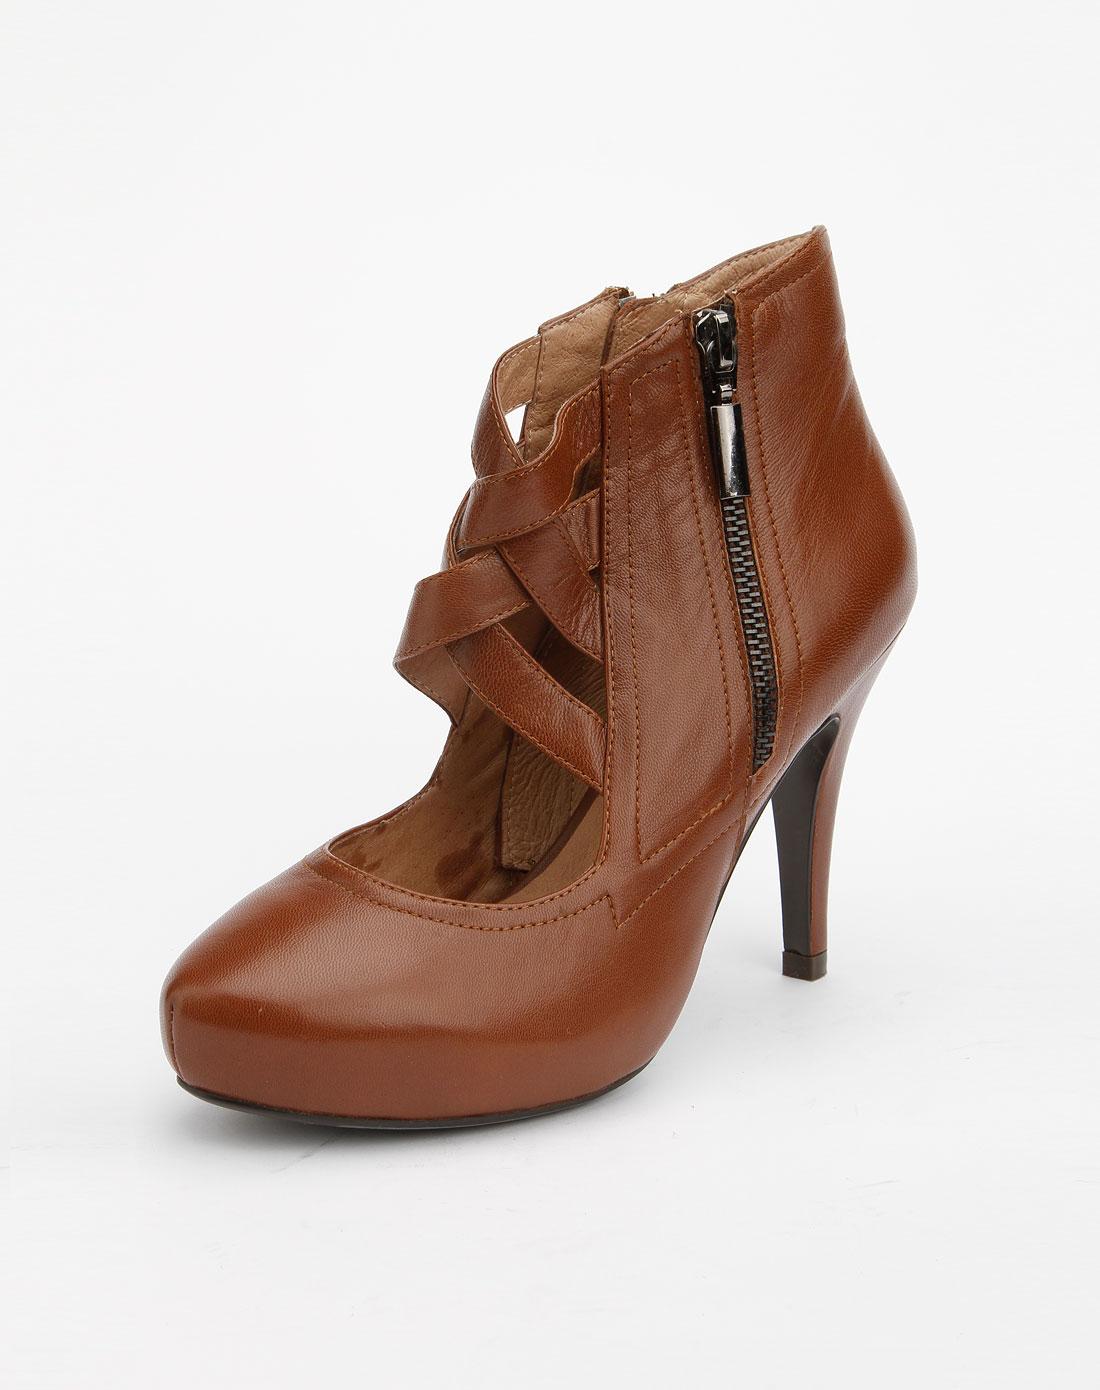 菲伯丽尔fbl女款浅咖啡色镂空高跟鞋fba3sf450122